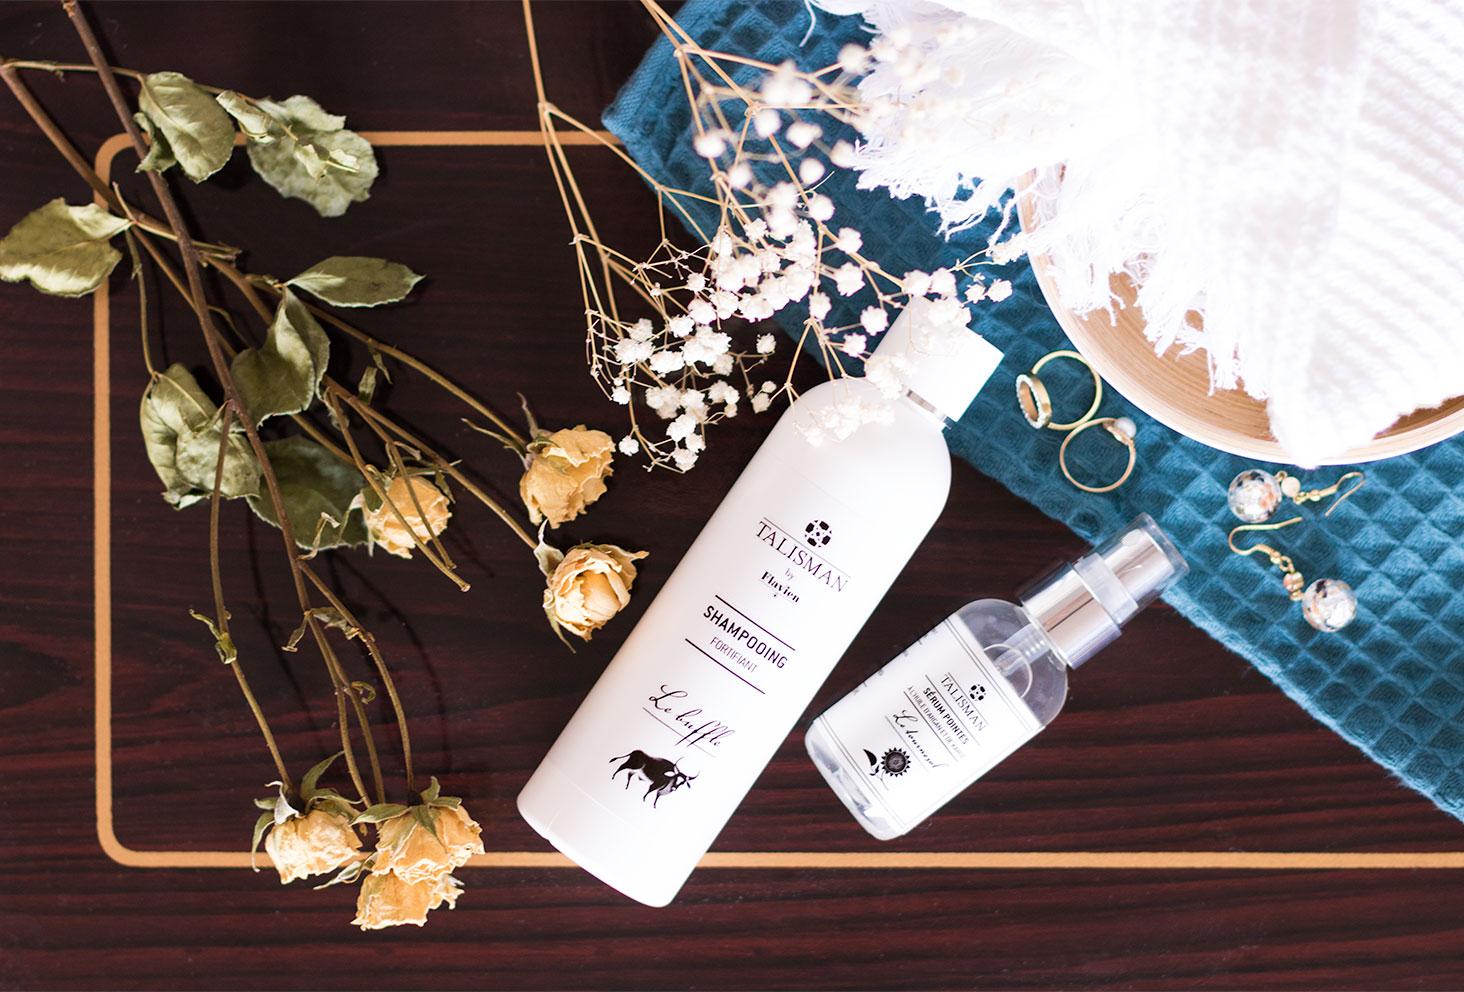 Les produits Talisman au milieu des fleurs séchées sur une table en bois